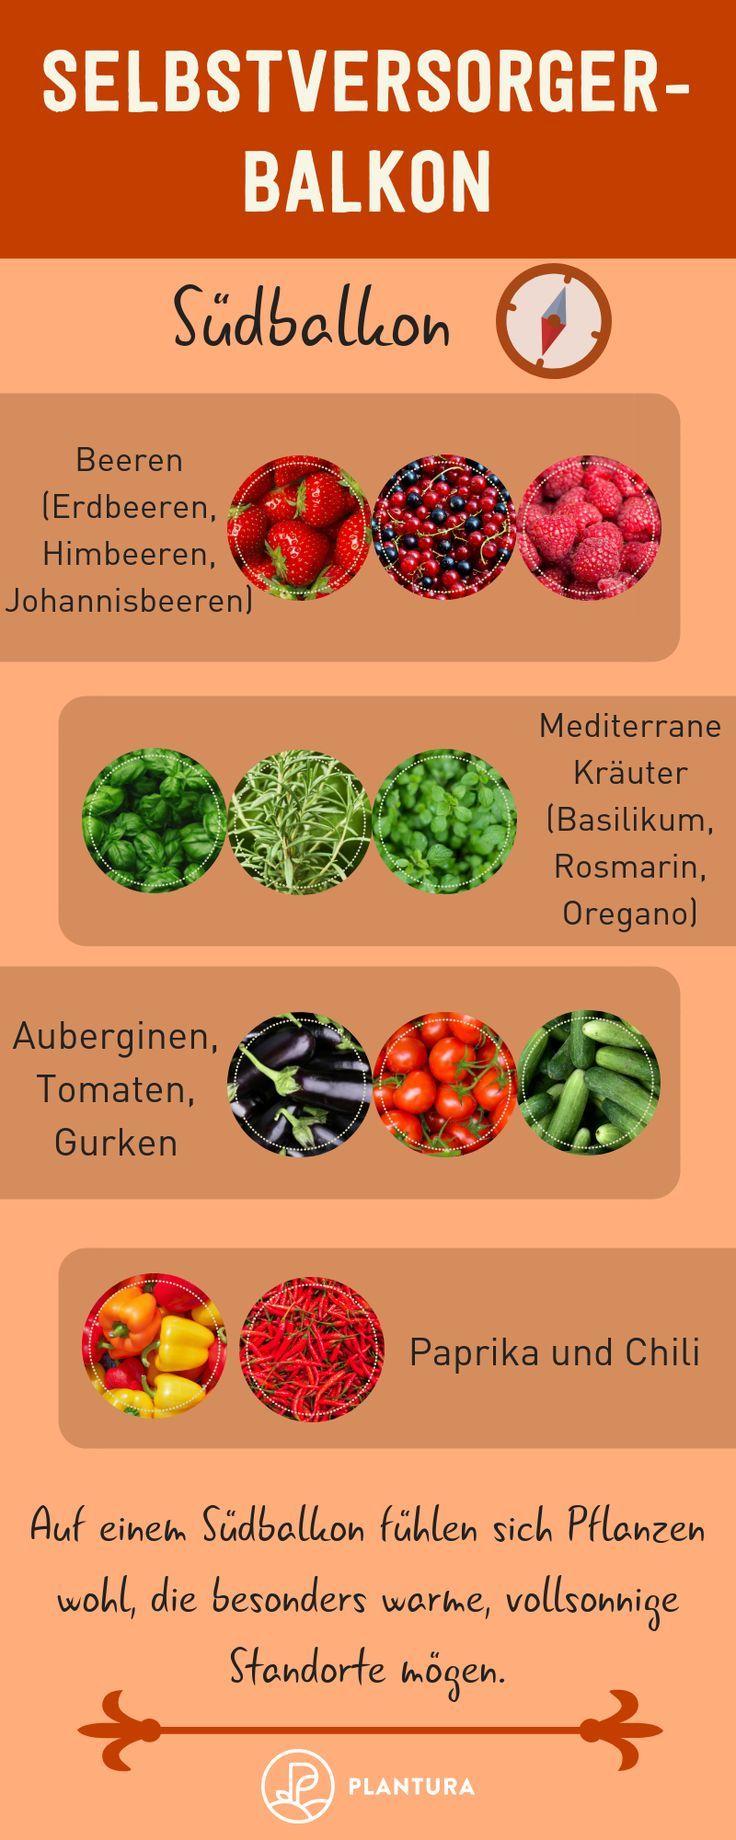 Selbstversorger-Balkon: Welche Pflanze für welchen Balkon? – Albina Kertzmann